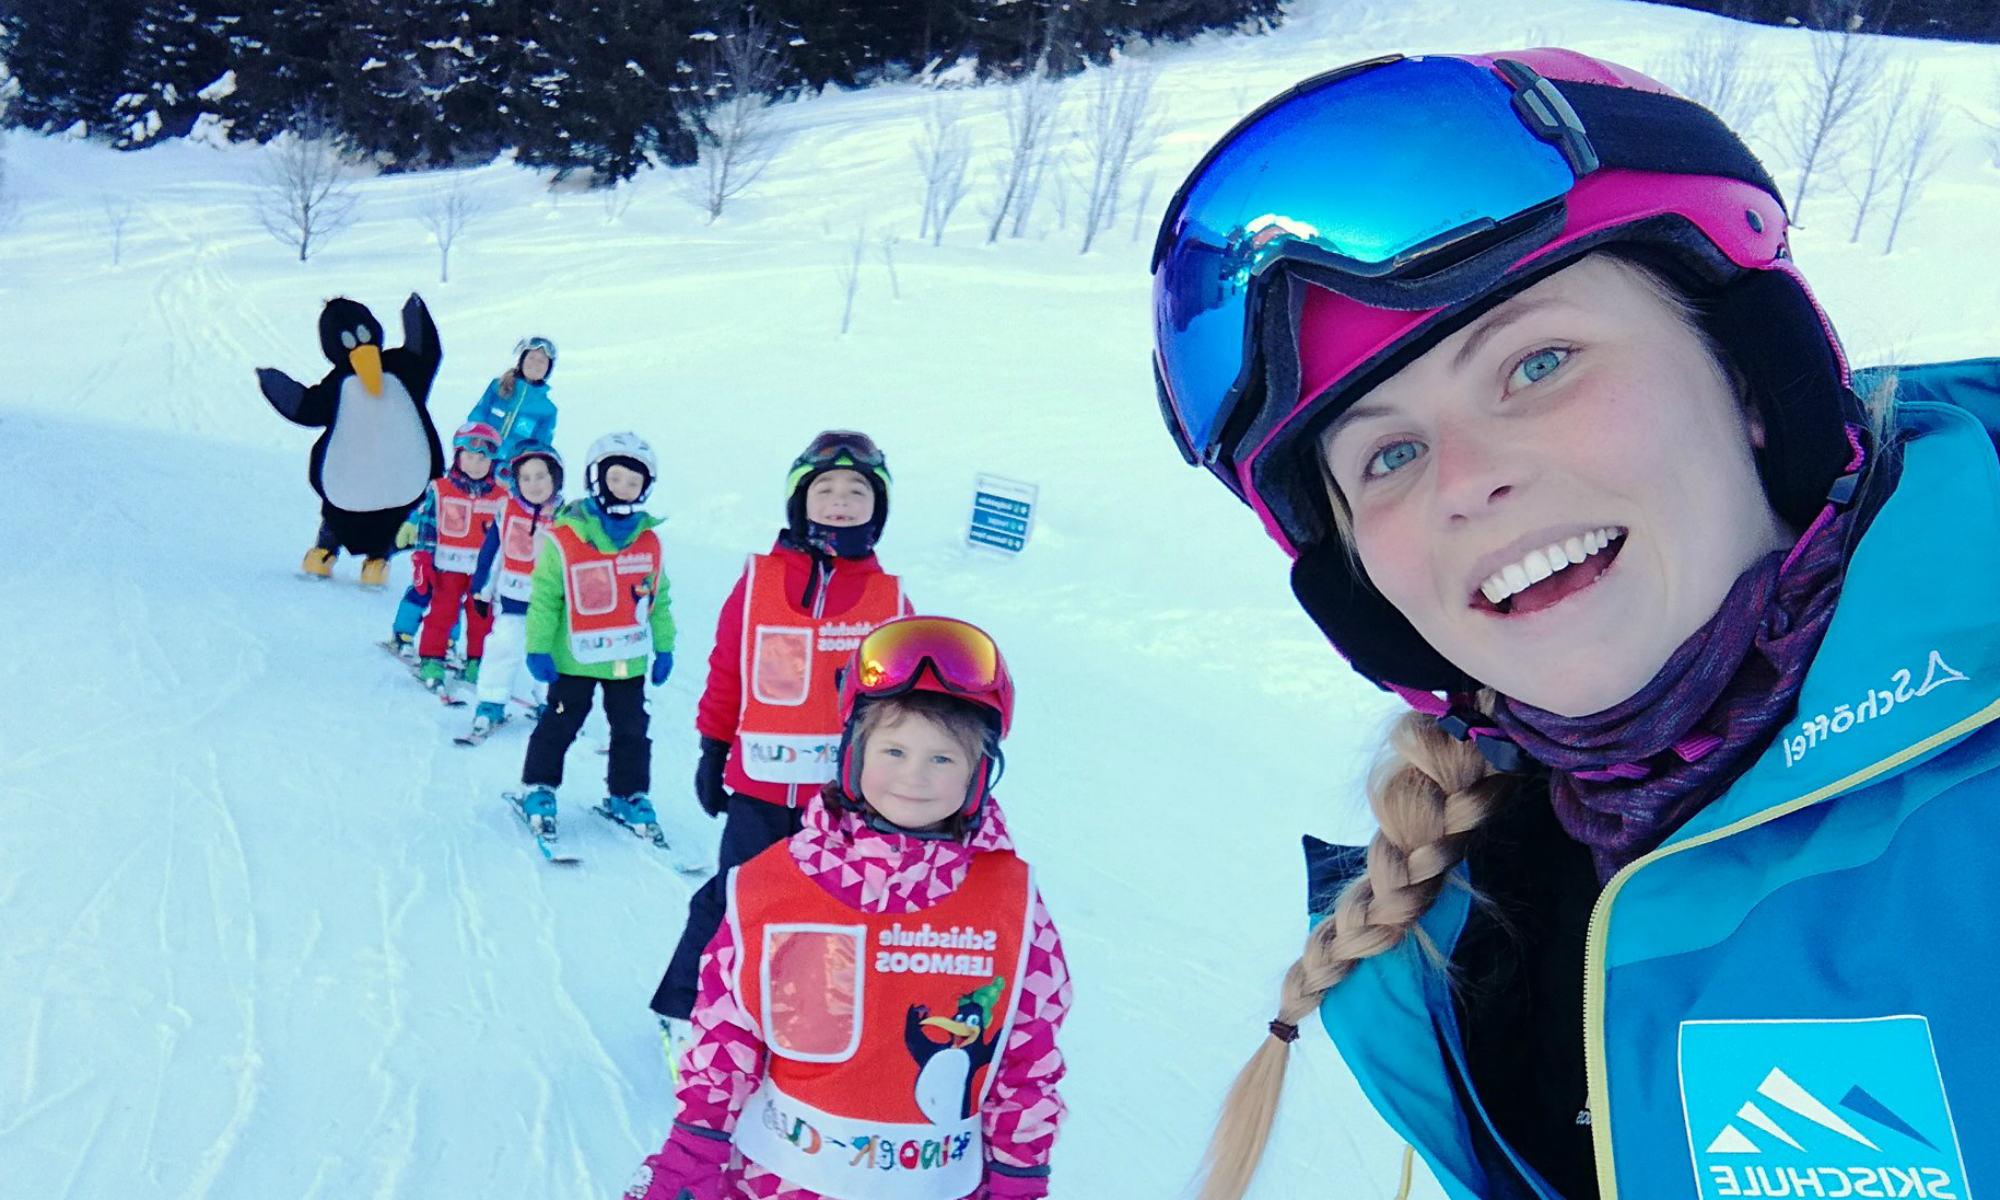 Een skilerares poseert voor een foto met haar leerlingen en BOBO de pinguïn.